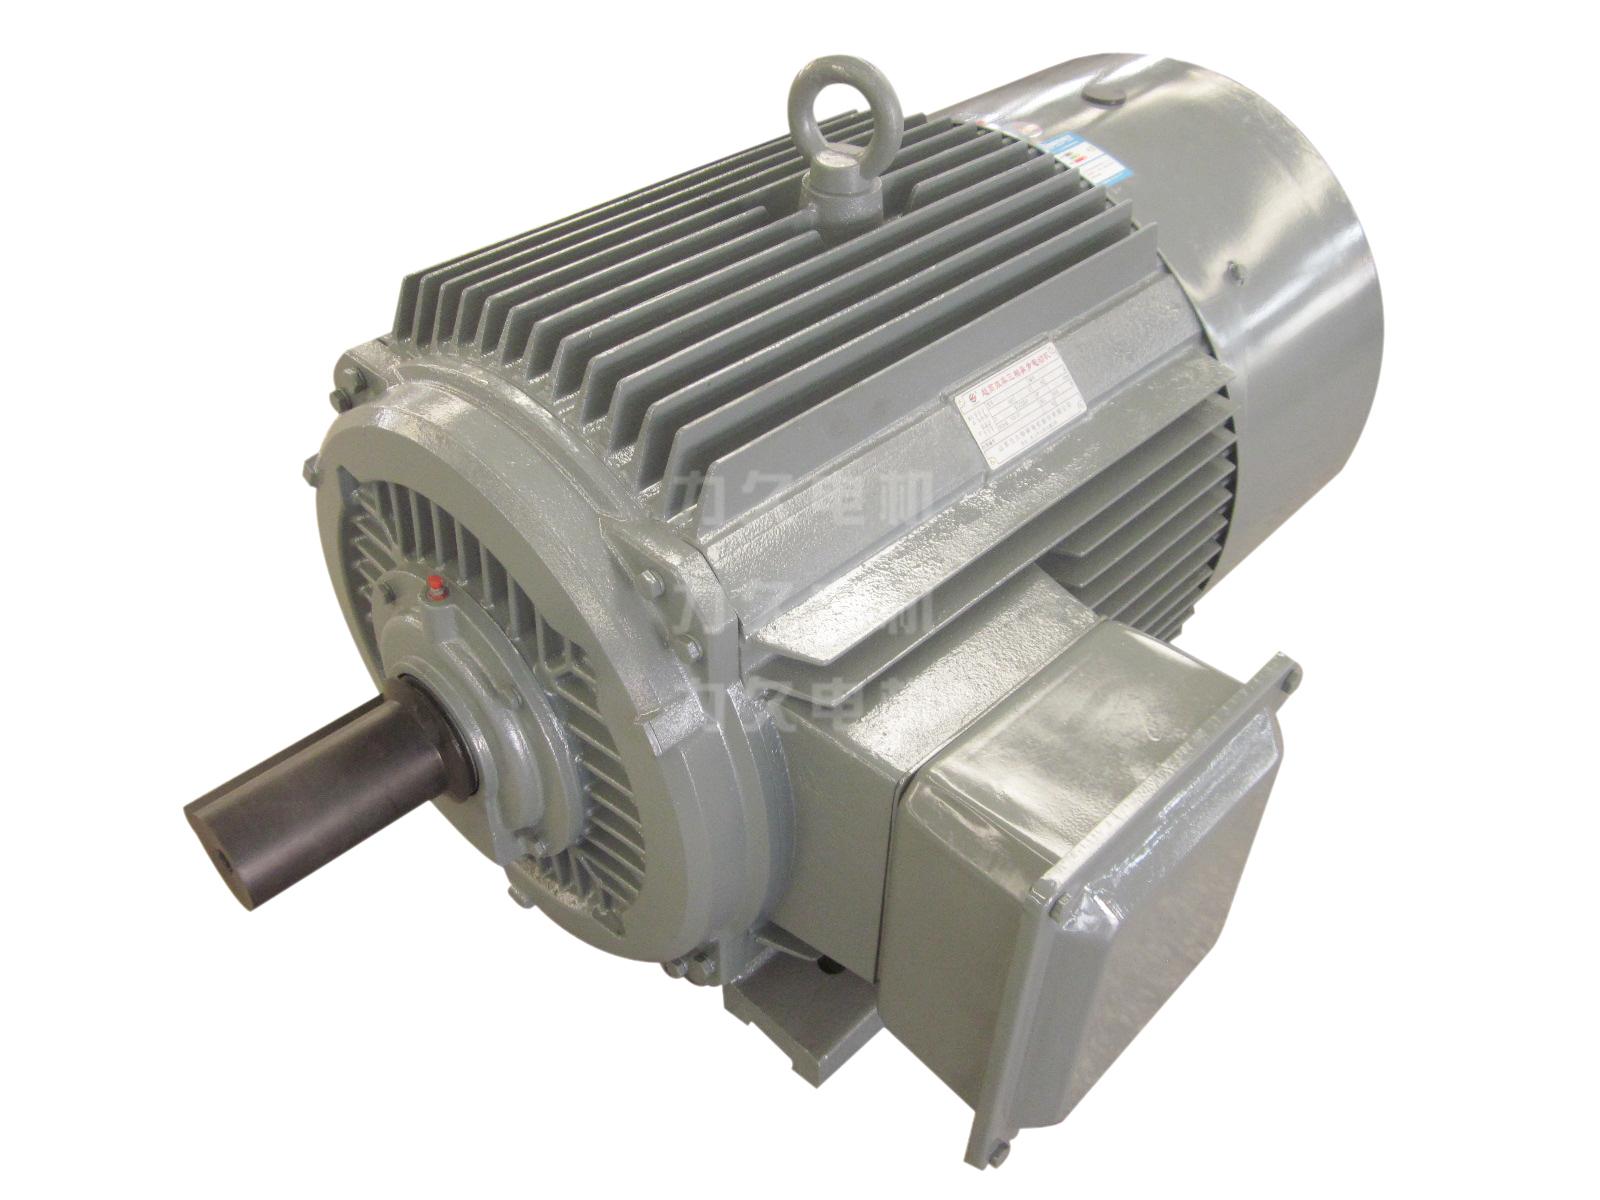 ye3超高效电机节能认证抽查顺利通过,力久电机值得信赖